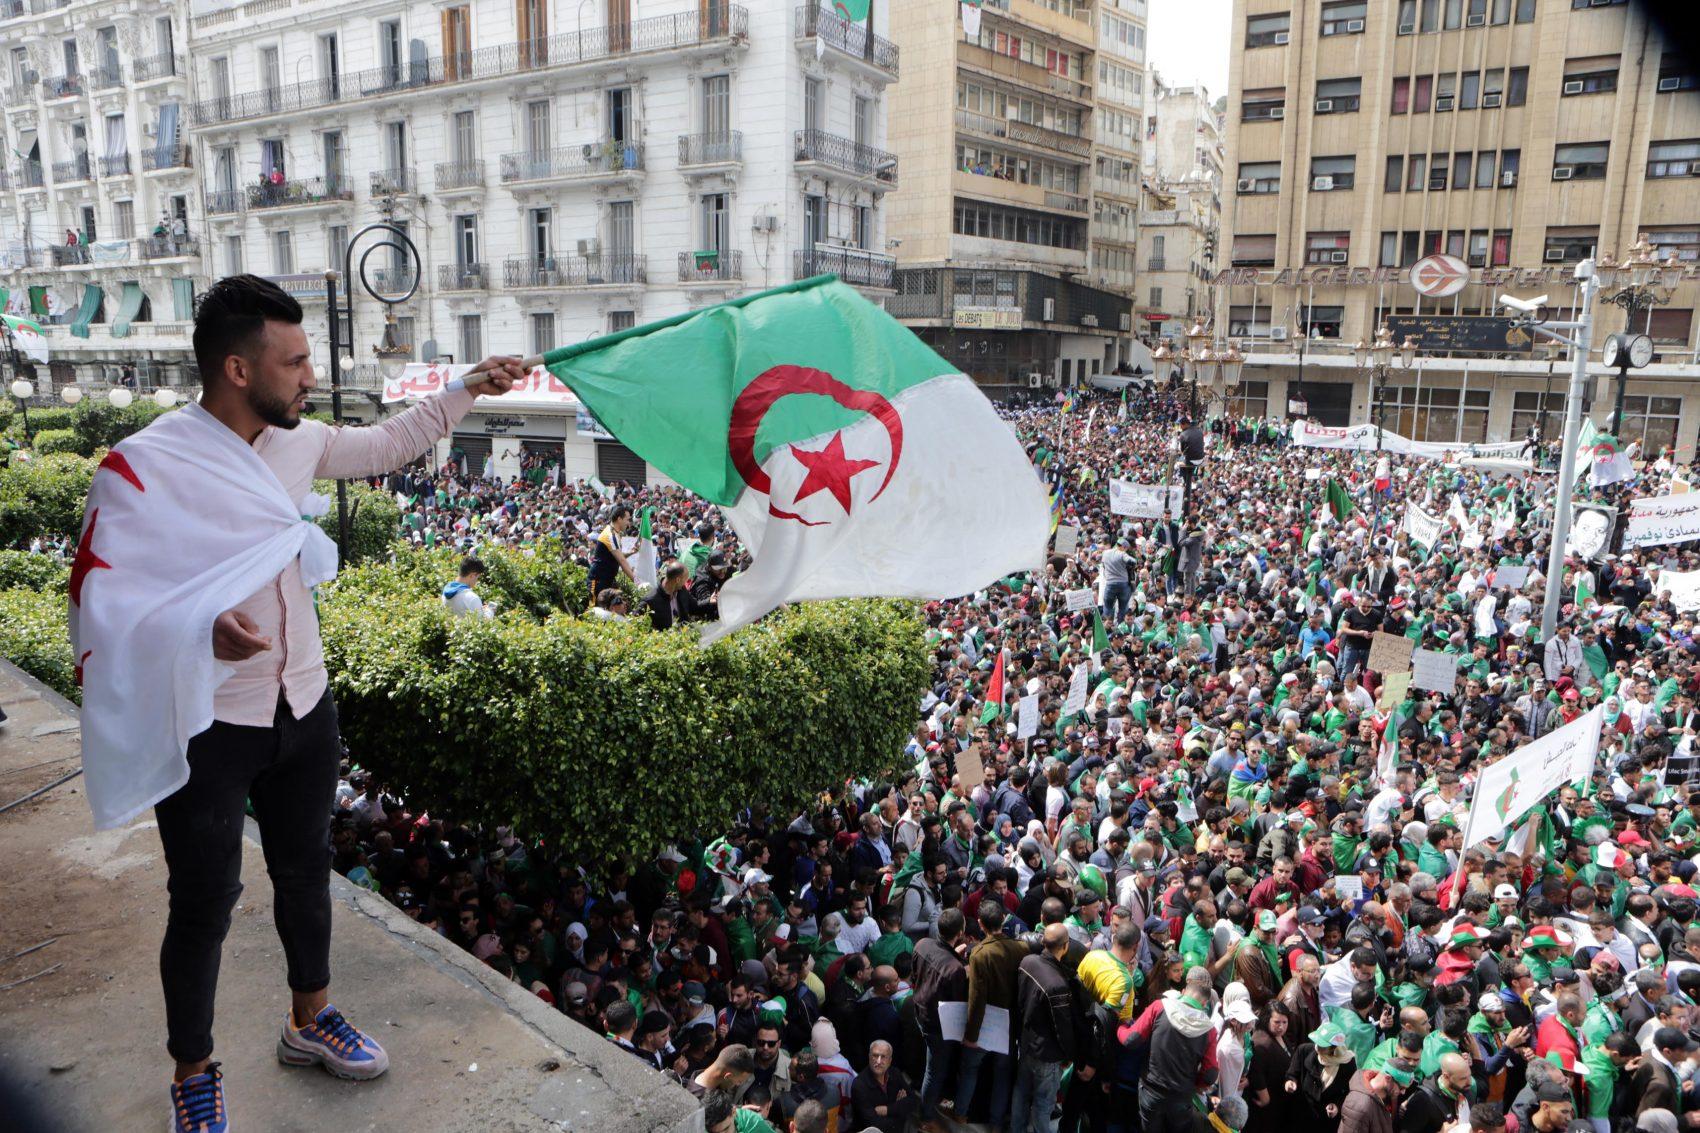 Manifestação nas ruas de Argel: multidões diárias nas ruas da Argélia levaram à renúncia do presidente Abdelaziz Bouteflika,, que estava há 20 anos no poder (Foto: Farouk Batiche/DPA)